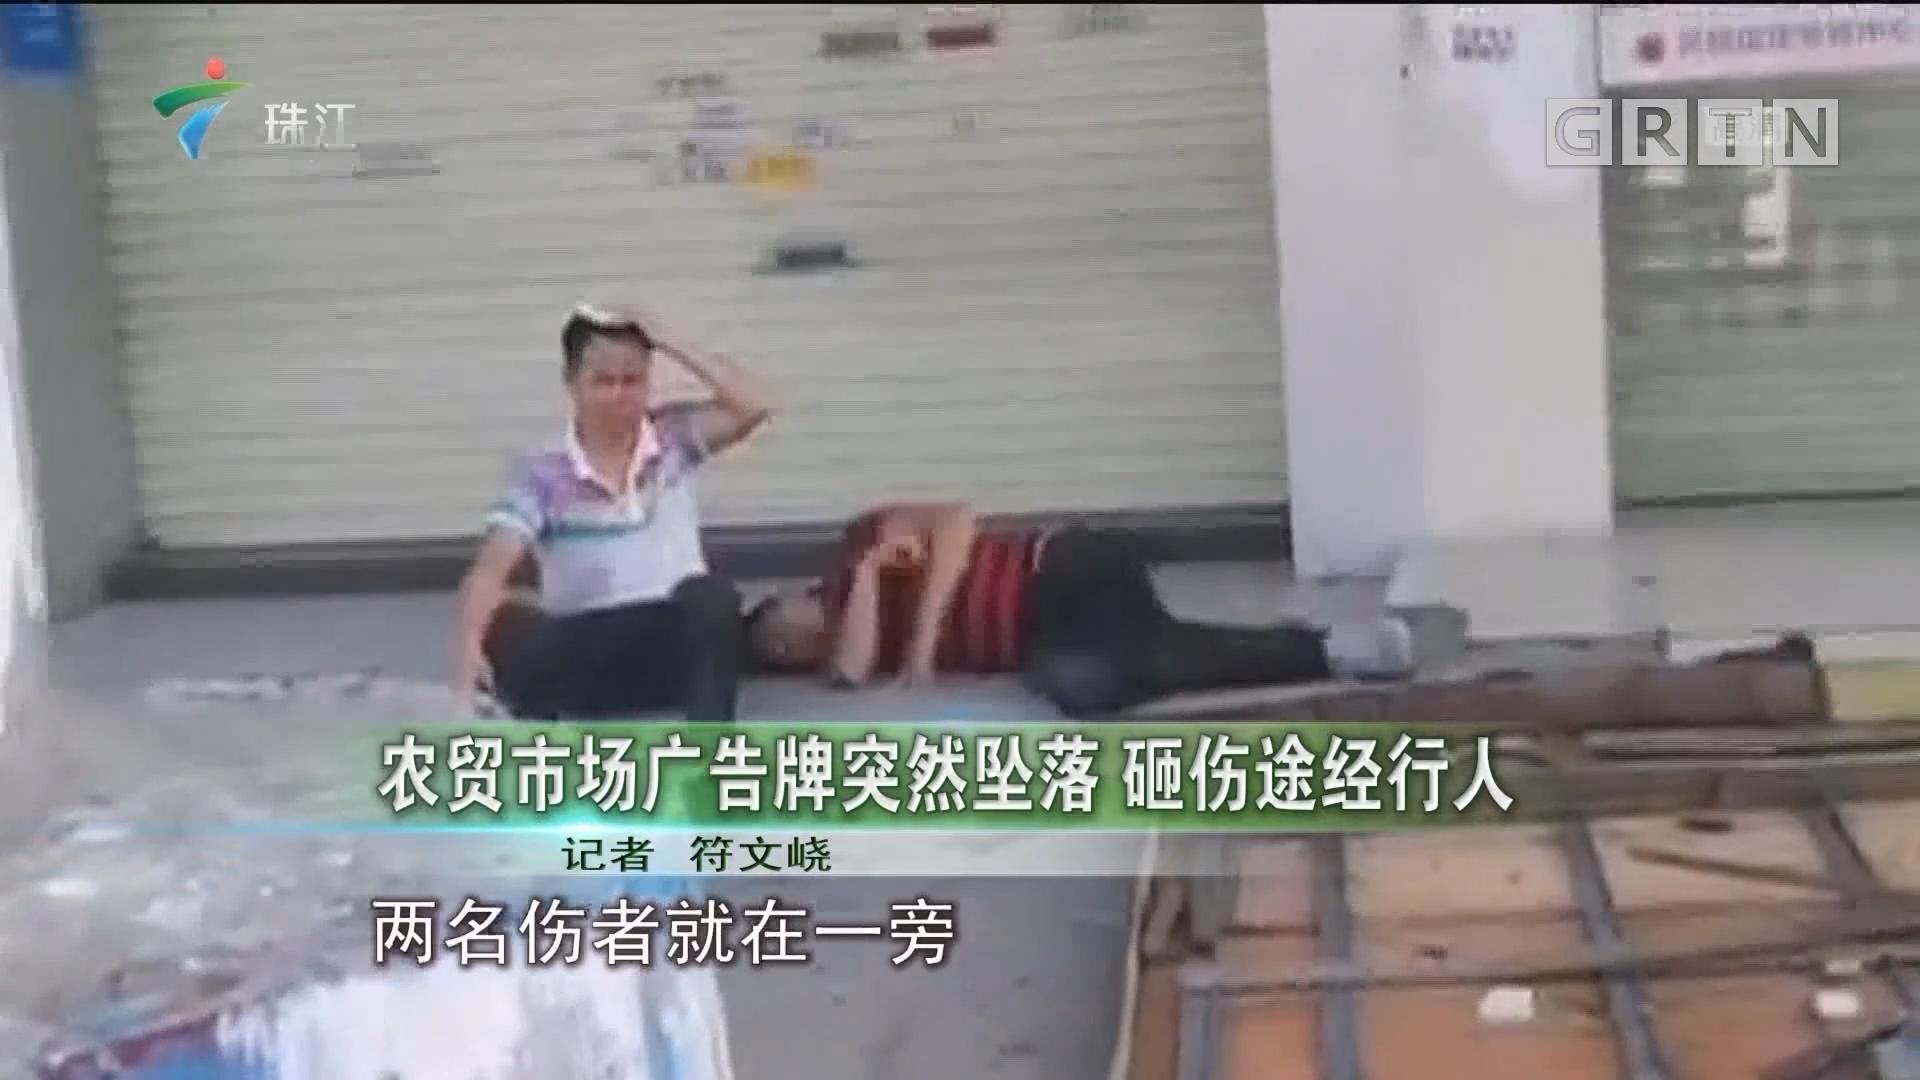 农贸市场广告牌突然坠落 砸伤途经行人